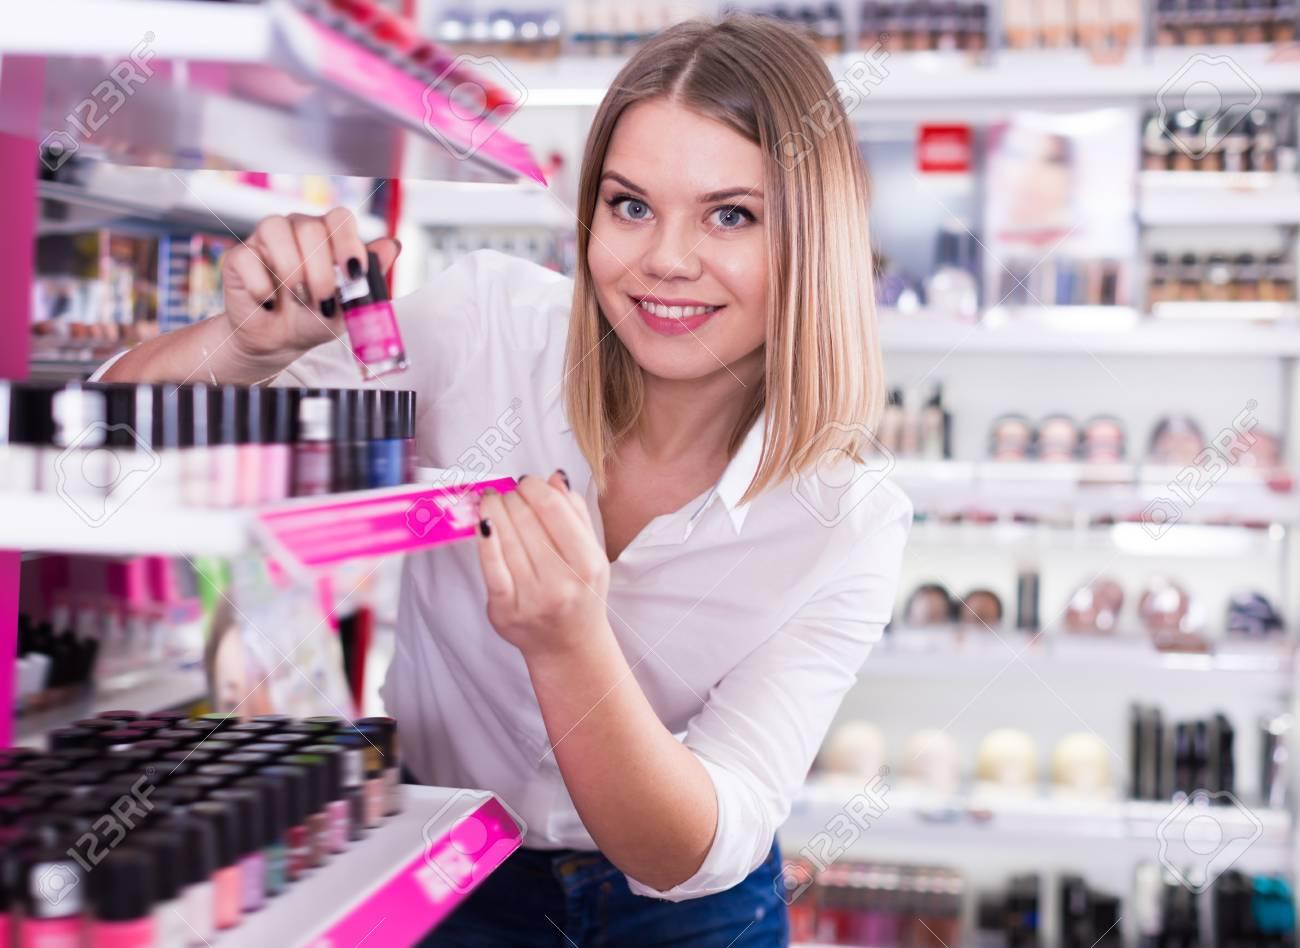 Happy Girl Choosing Color Of Nail Polish At Cosmetics Store Stock ...